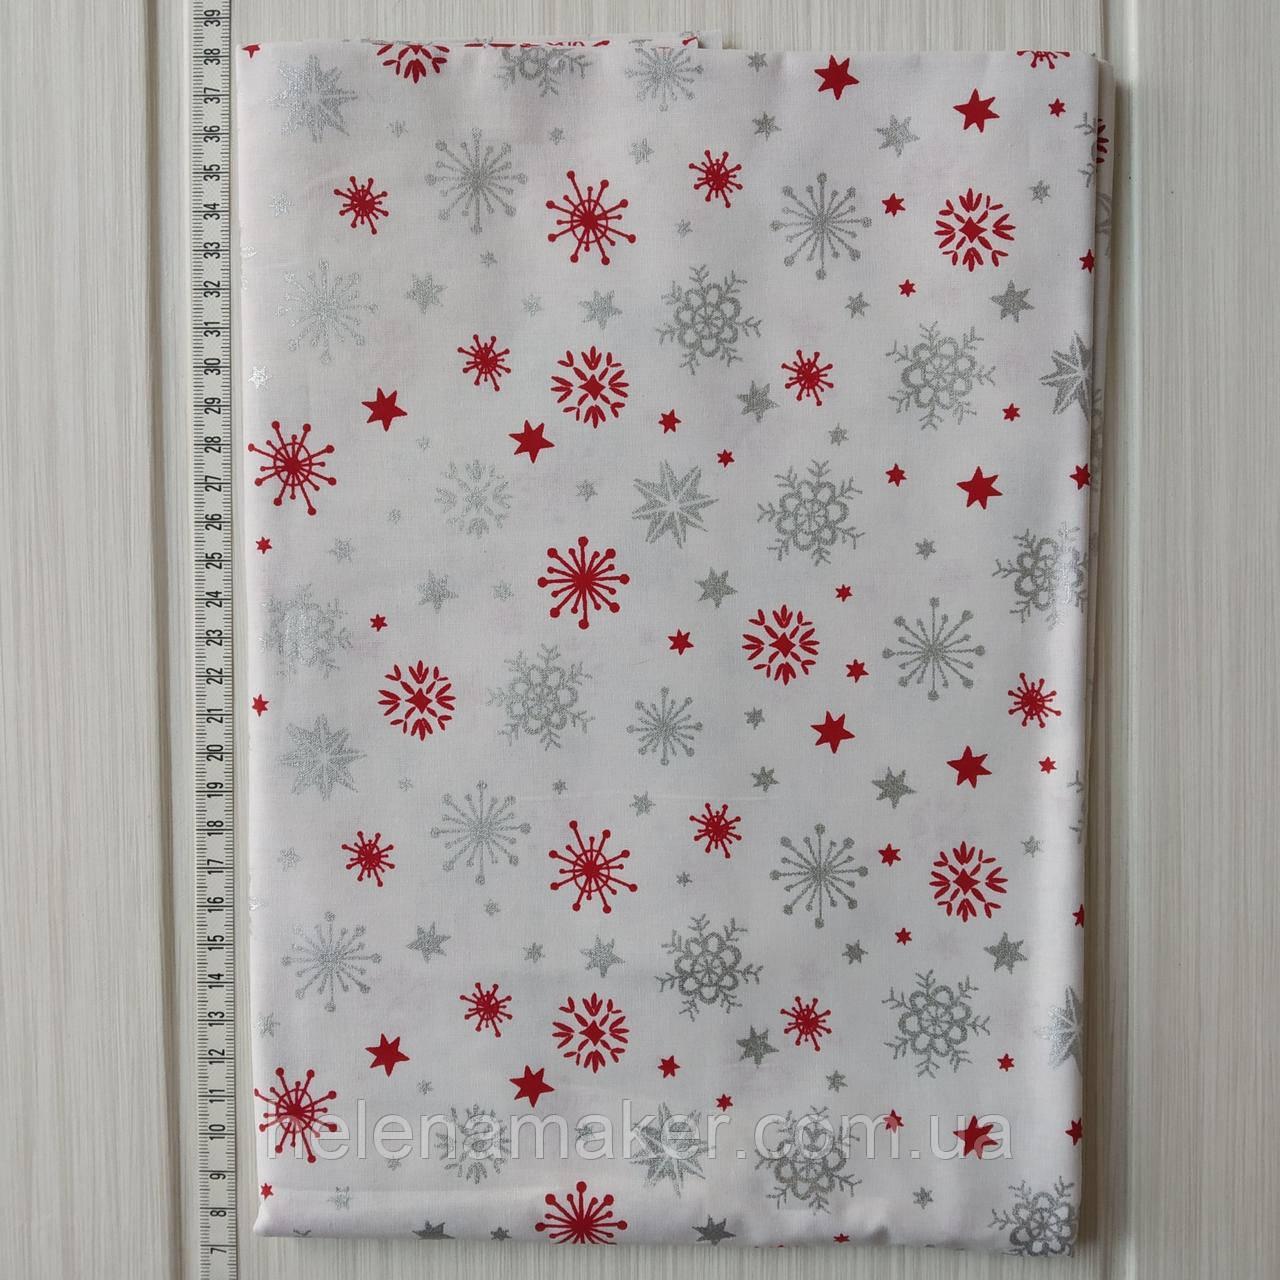 Хлопковая новогодняя ткань Серебряные и красные снежинки на белом фоне 40*50 см